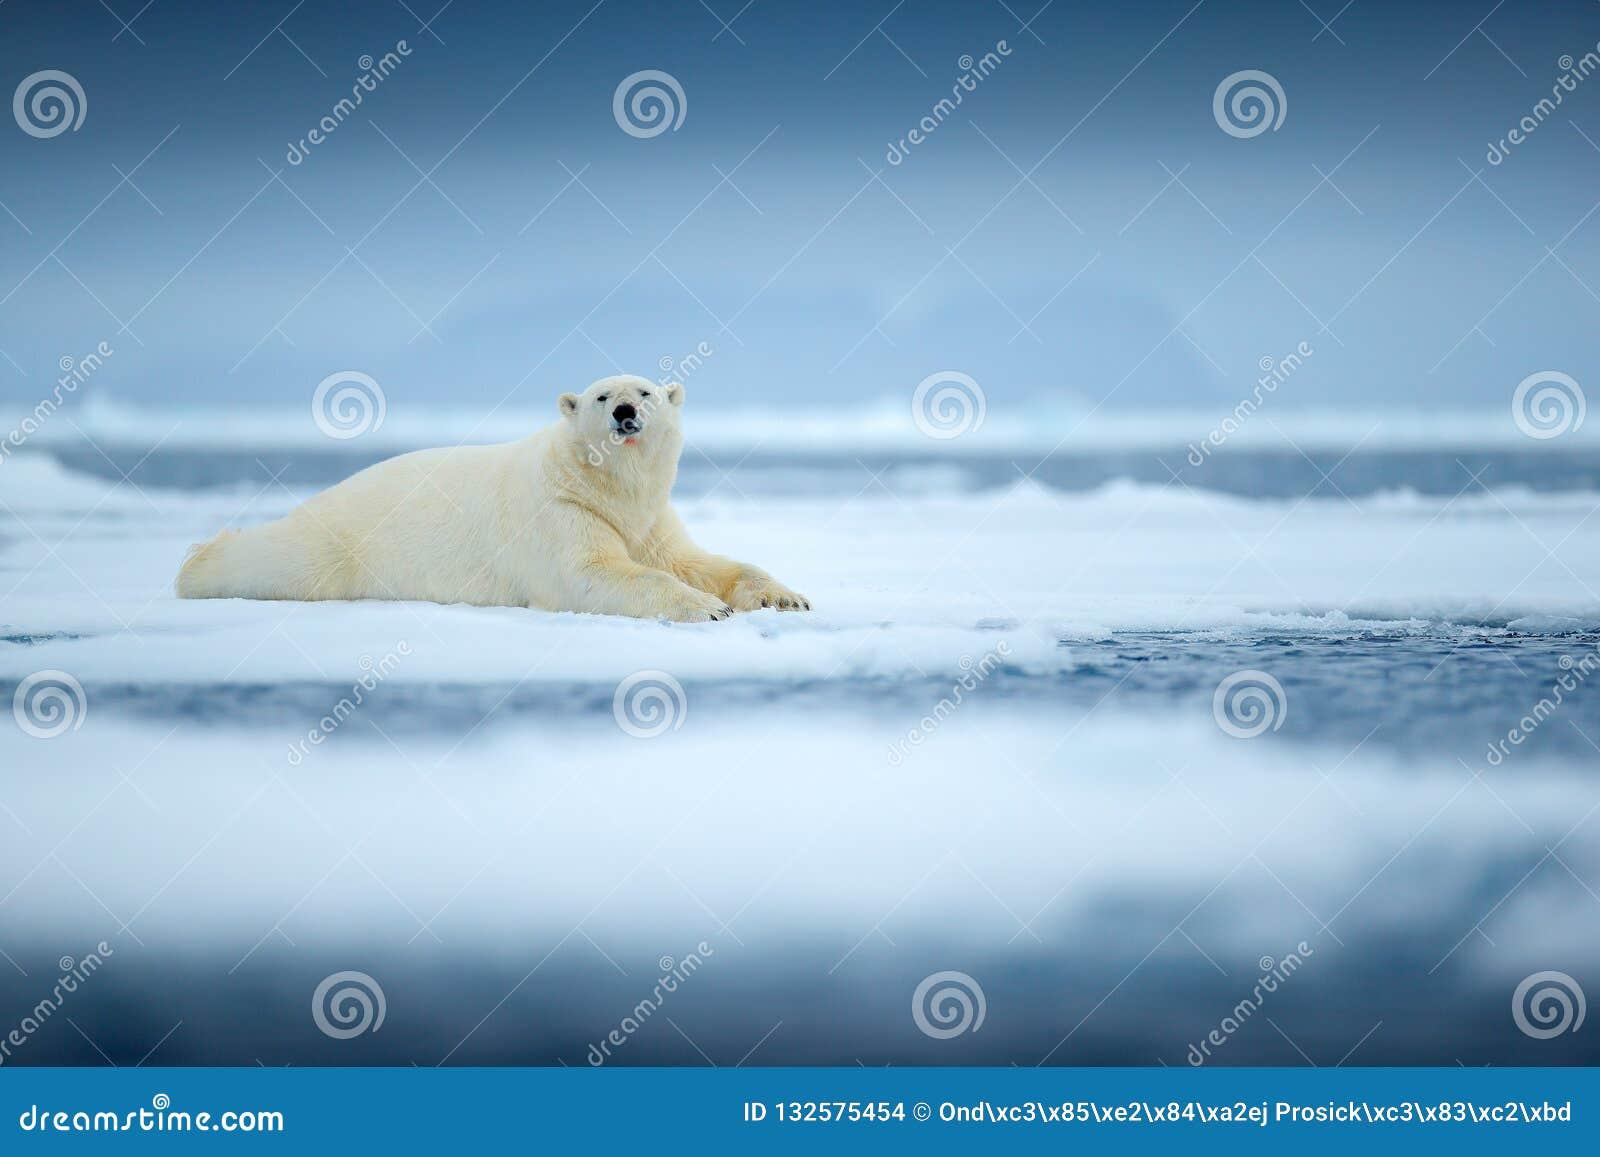 Isbjörn på kanten för drivais med snö och vatten i havet Vitt djur i naturlivsmiljön, norr Europa, Svalbard, Norge